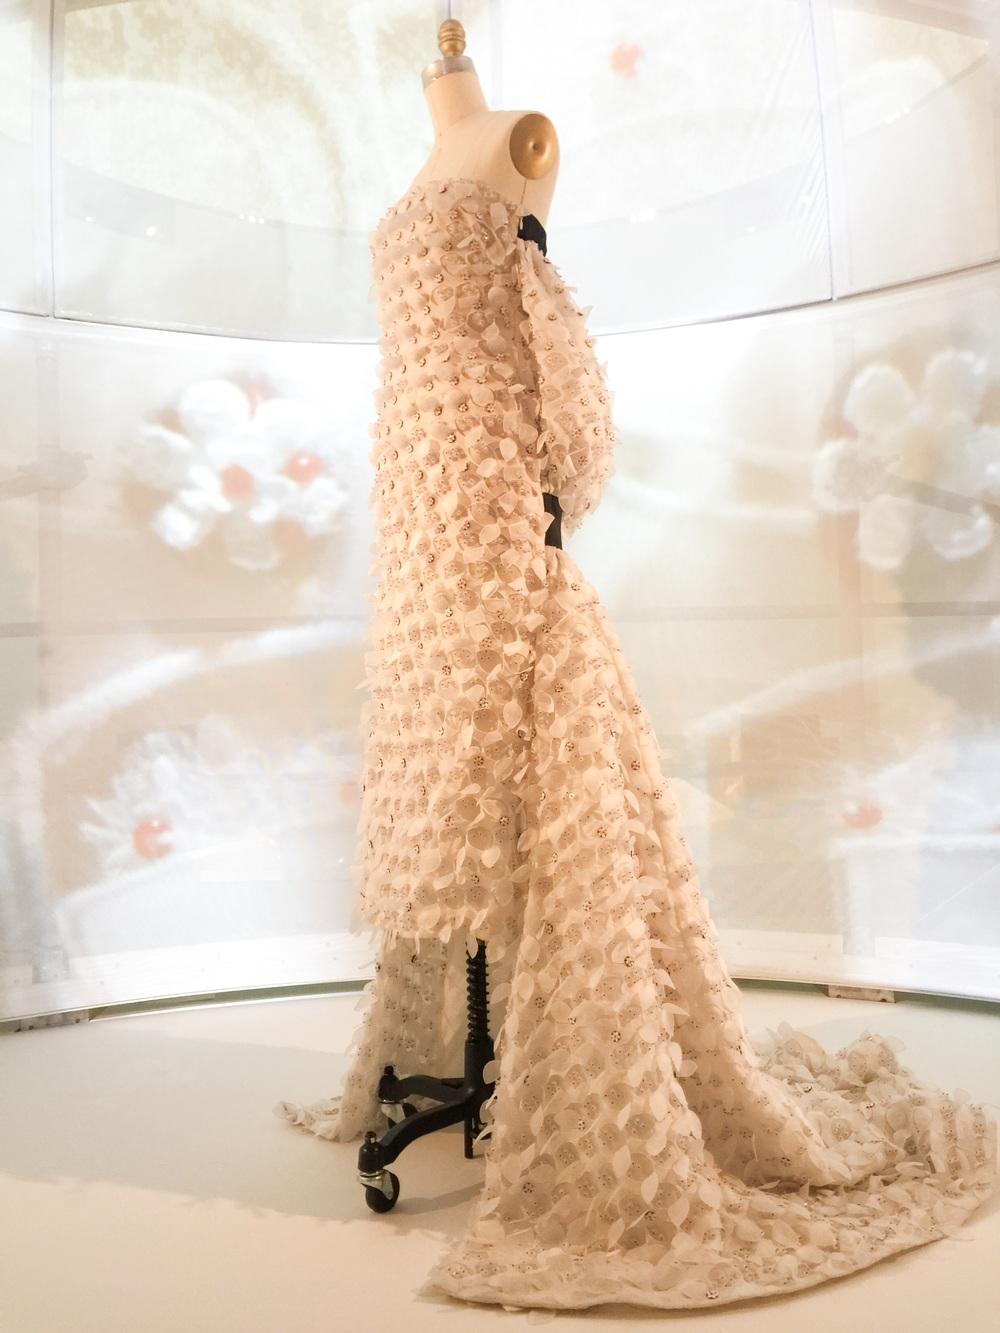 Raf Simons for House of Dior